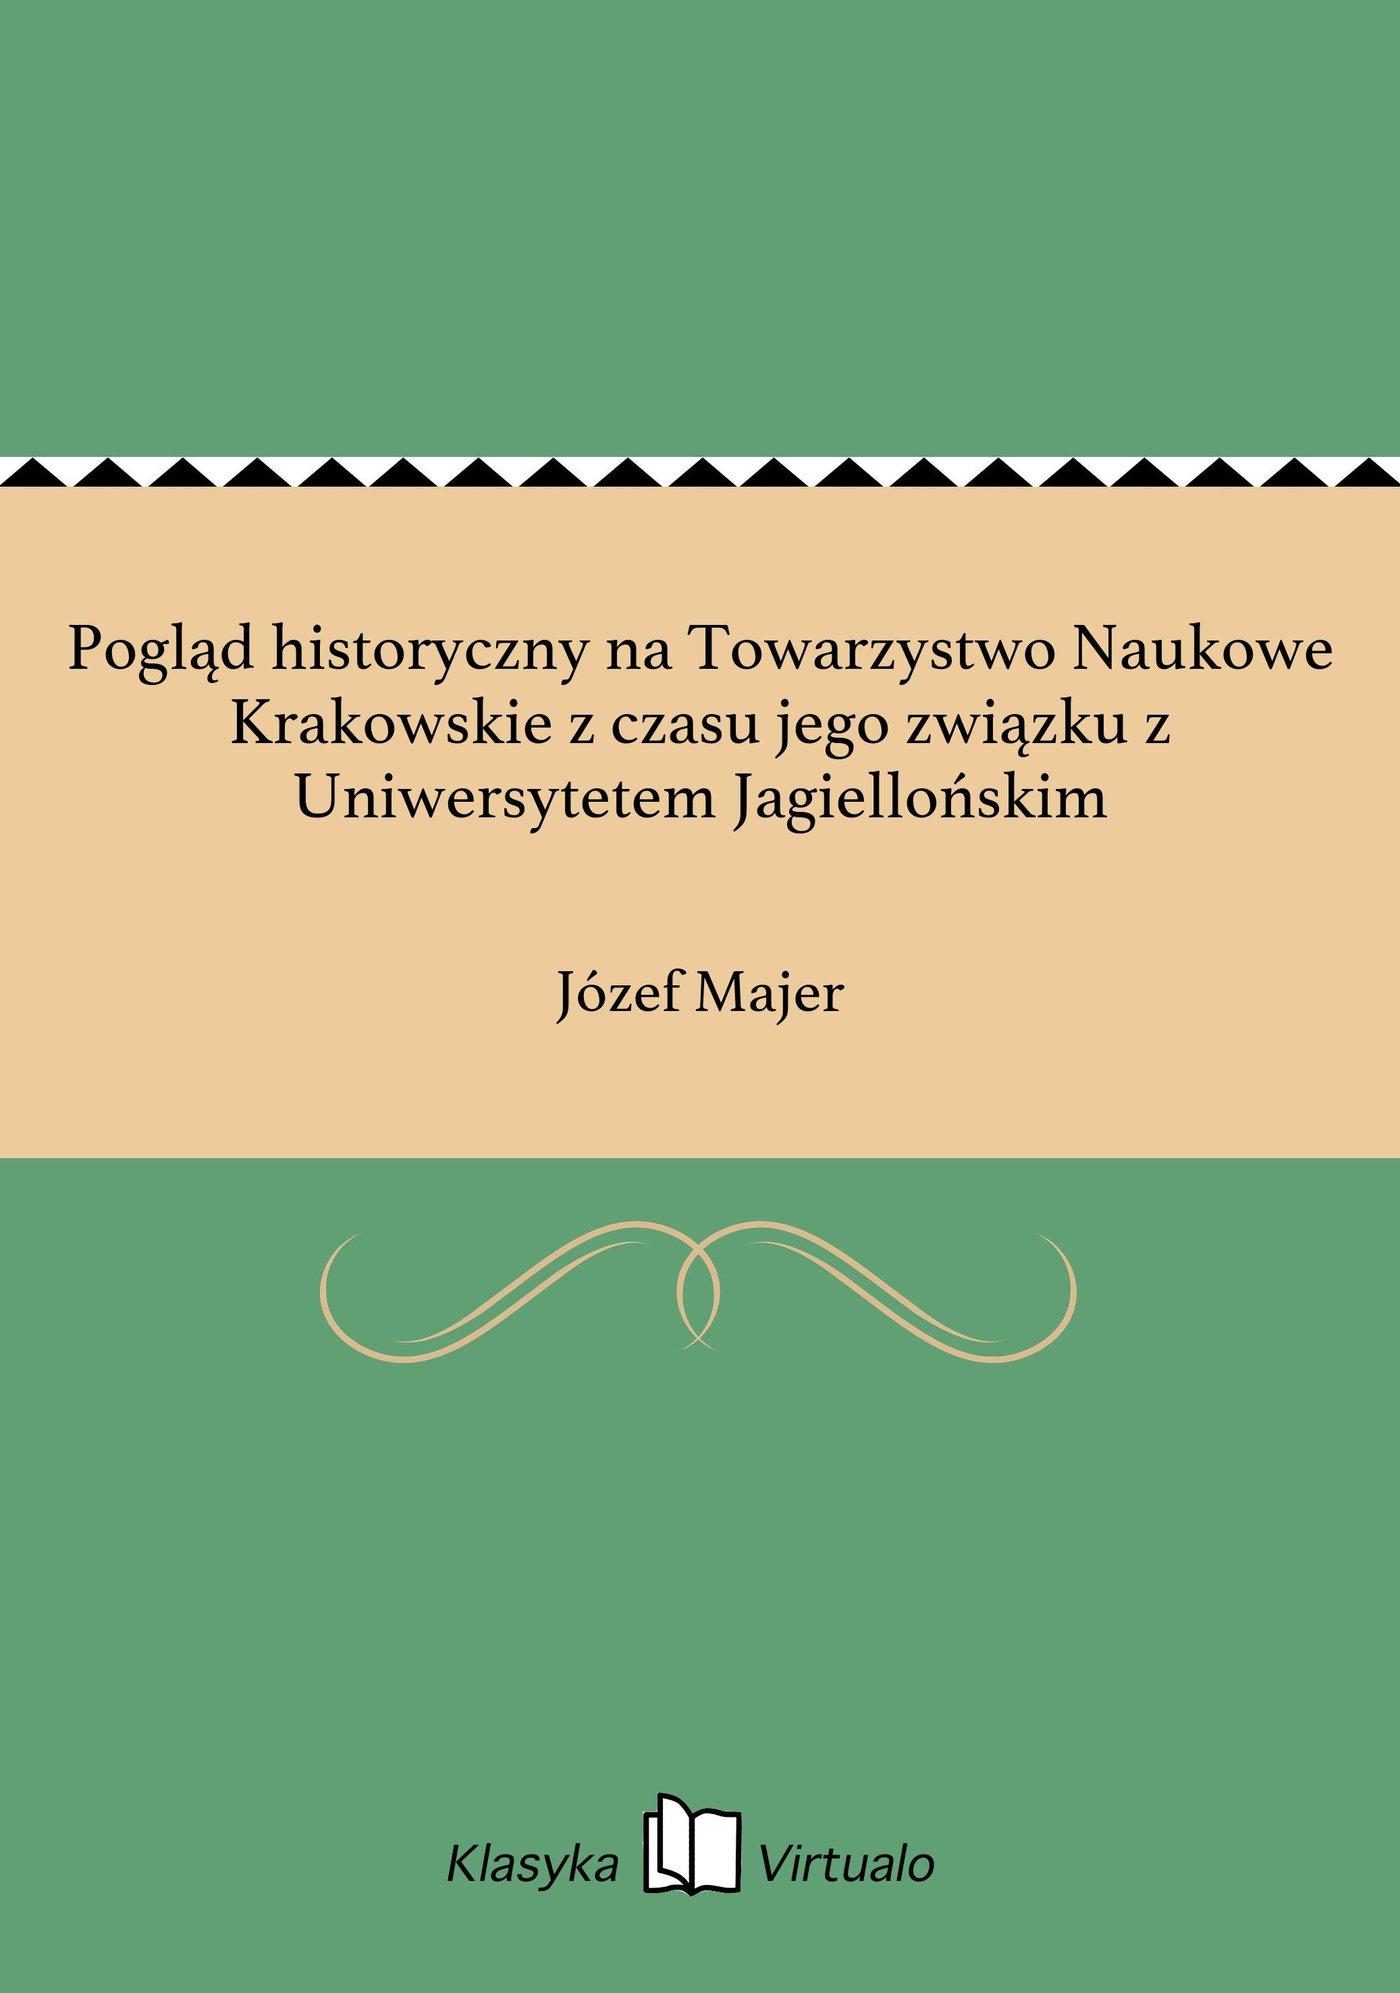 Pogląd historyczny na Towarzystwo Naukowe Krakowskie z czasu jego związku z Uniwersytetem Jagiellońskim - Ebook (Książka EPUB) do pobrania w formacie EPUB